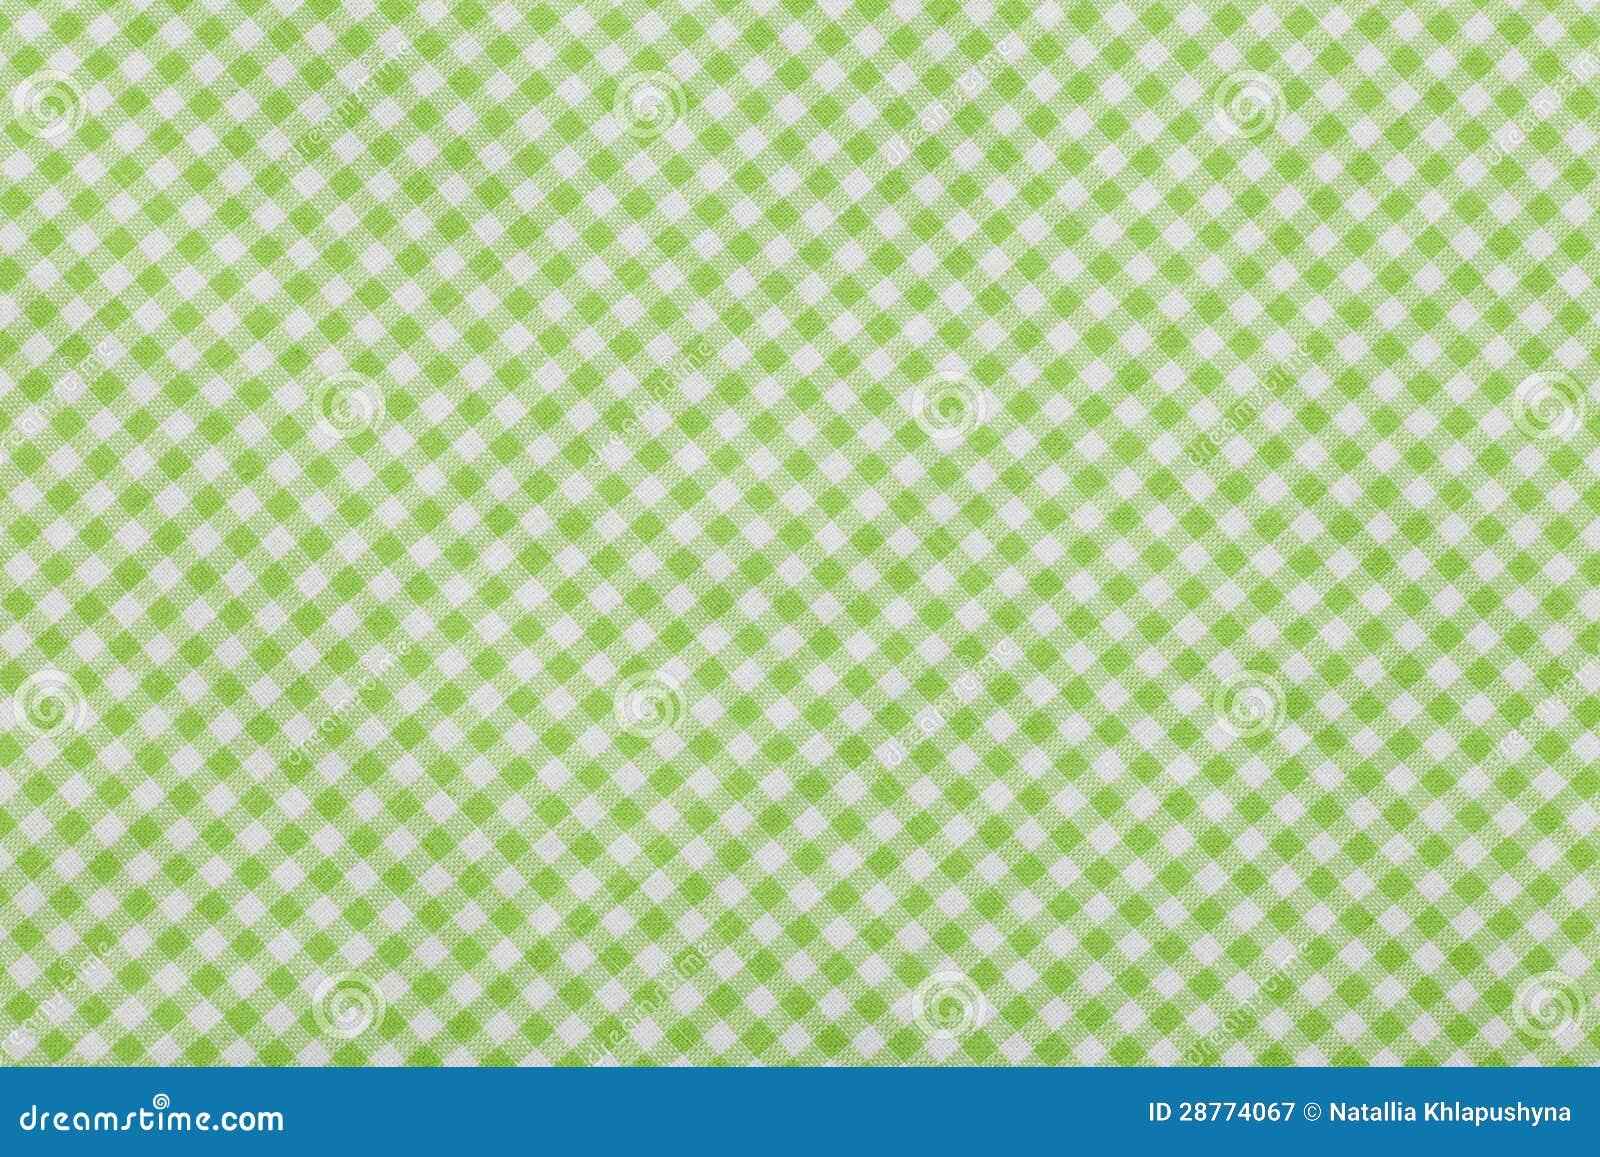 Fundo Checkered verde do tablecloth